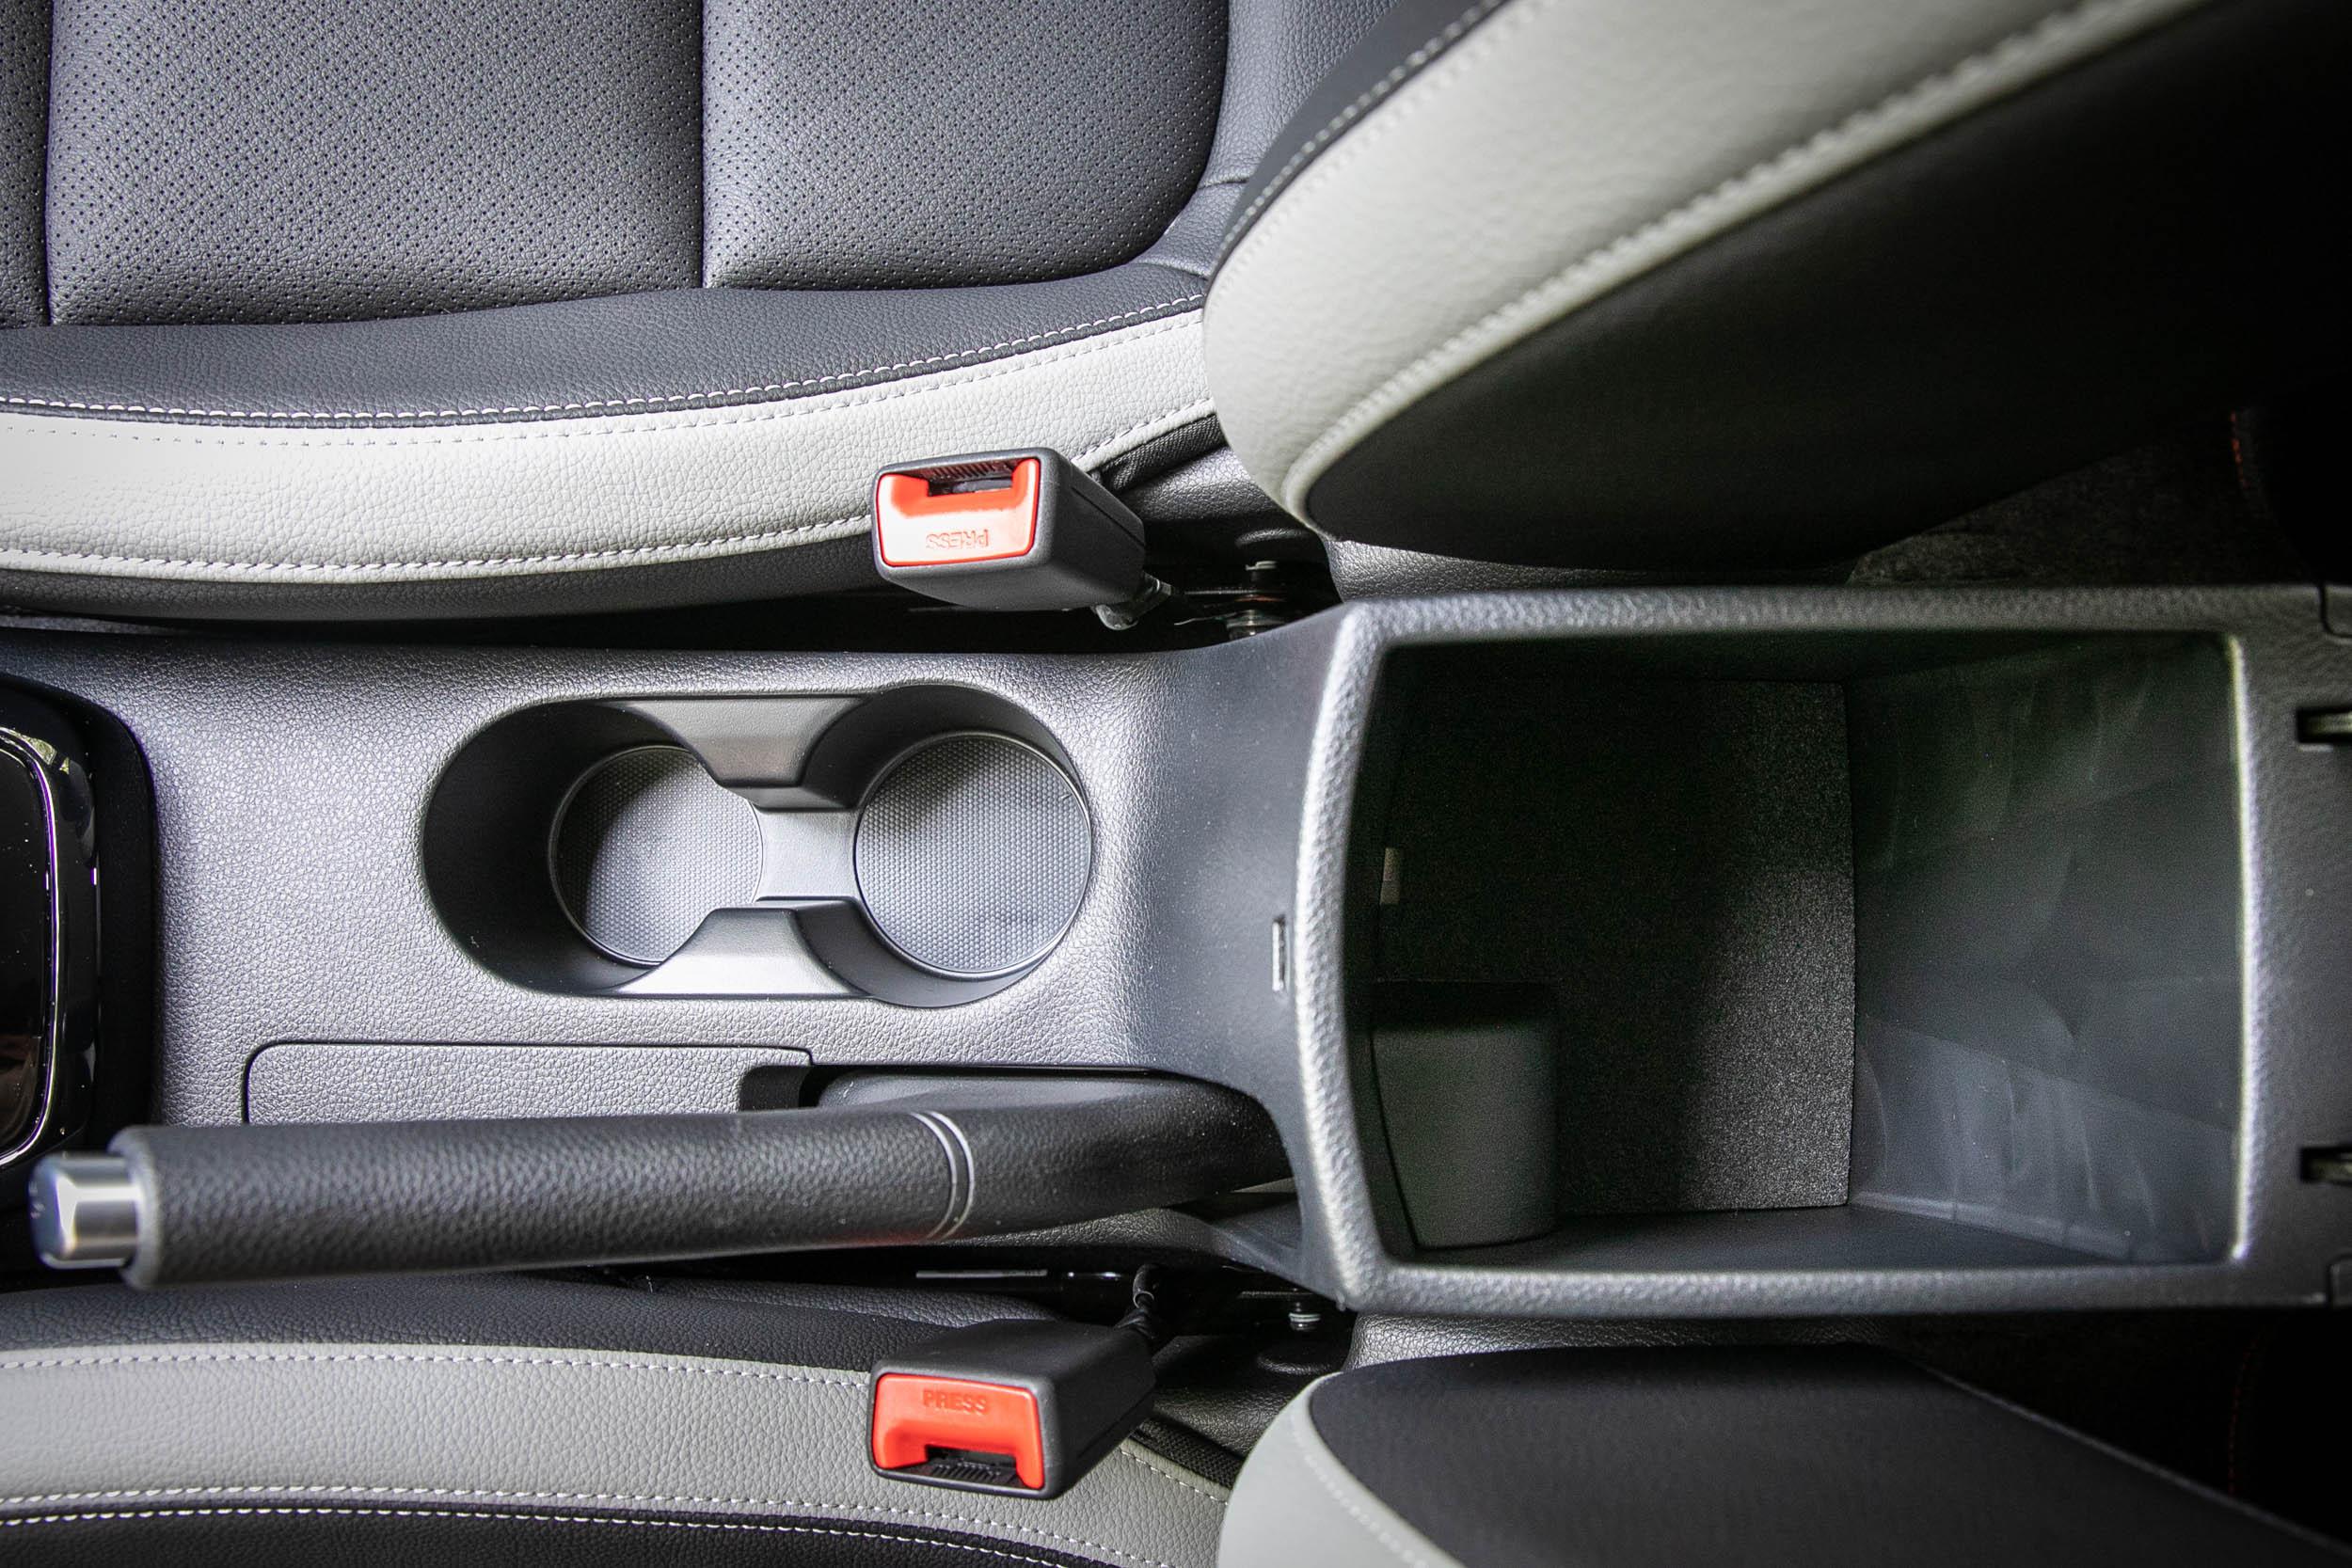 中央鞍座處的雙置杯架與中央扶手下挺深的置物空間。